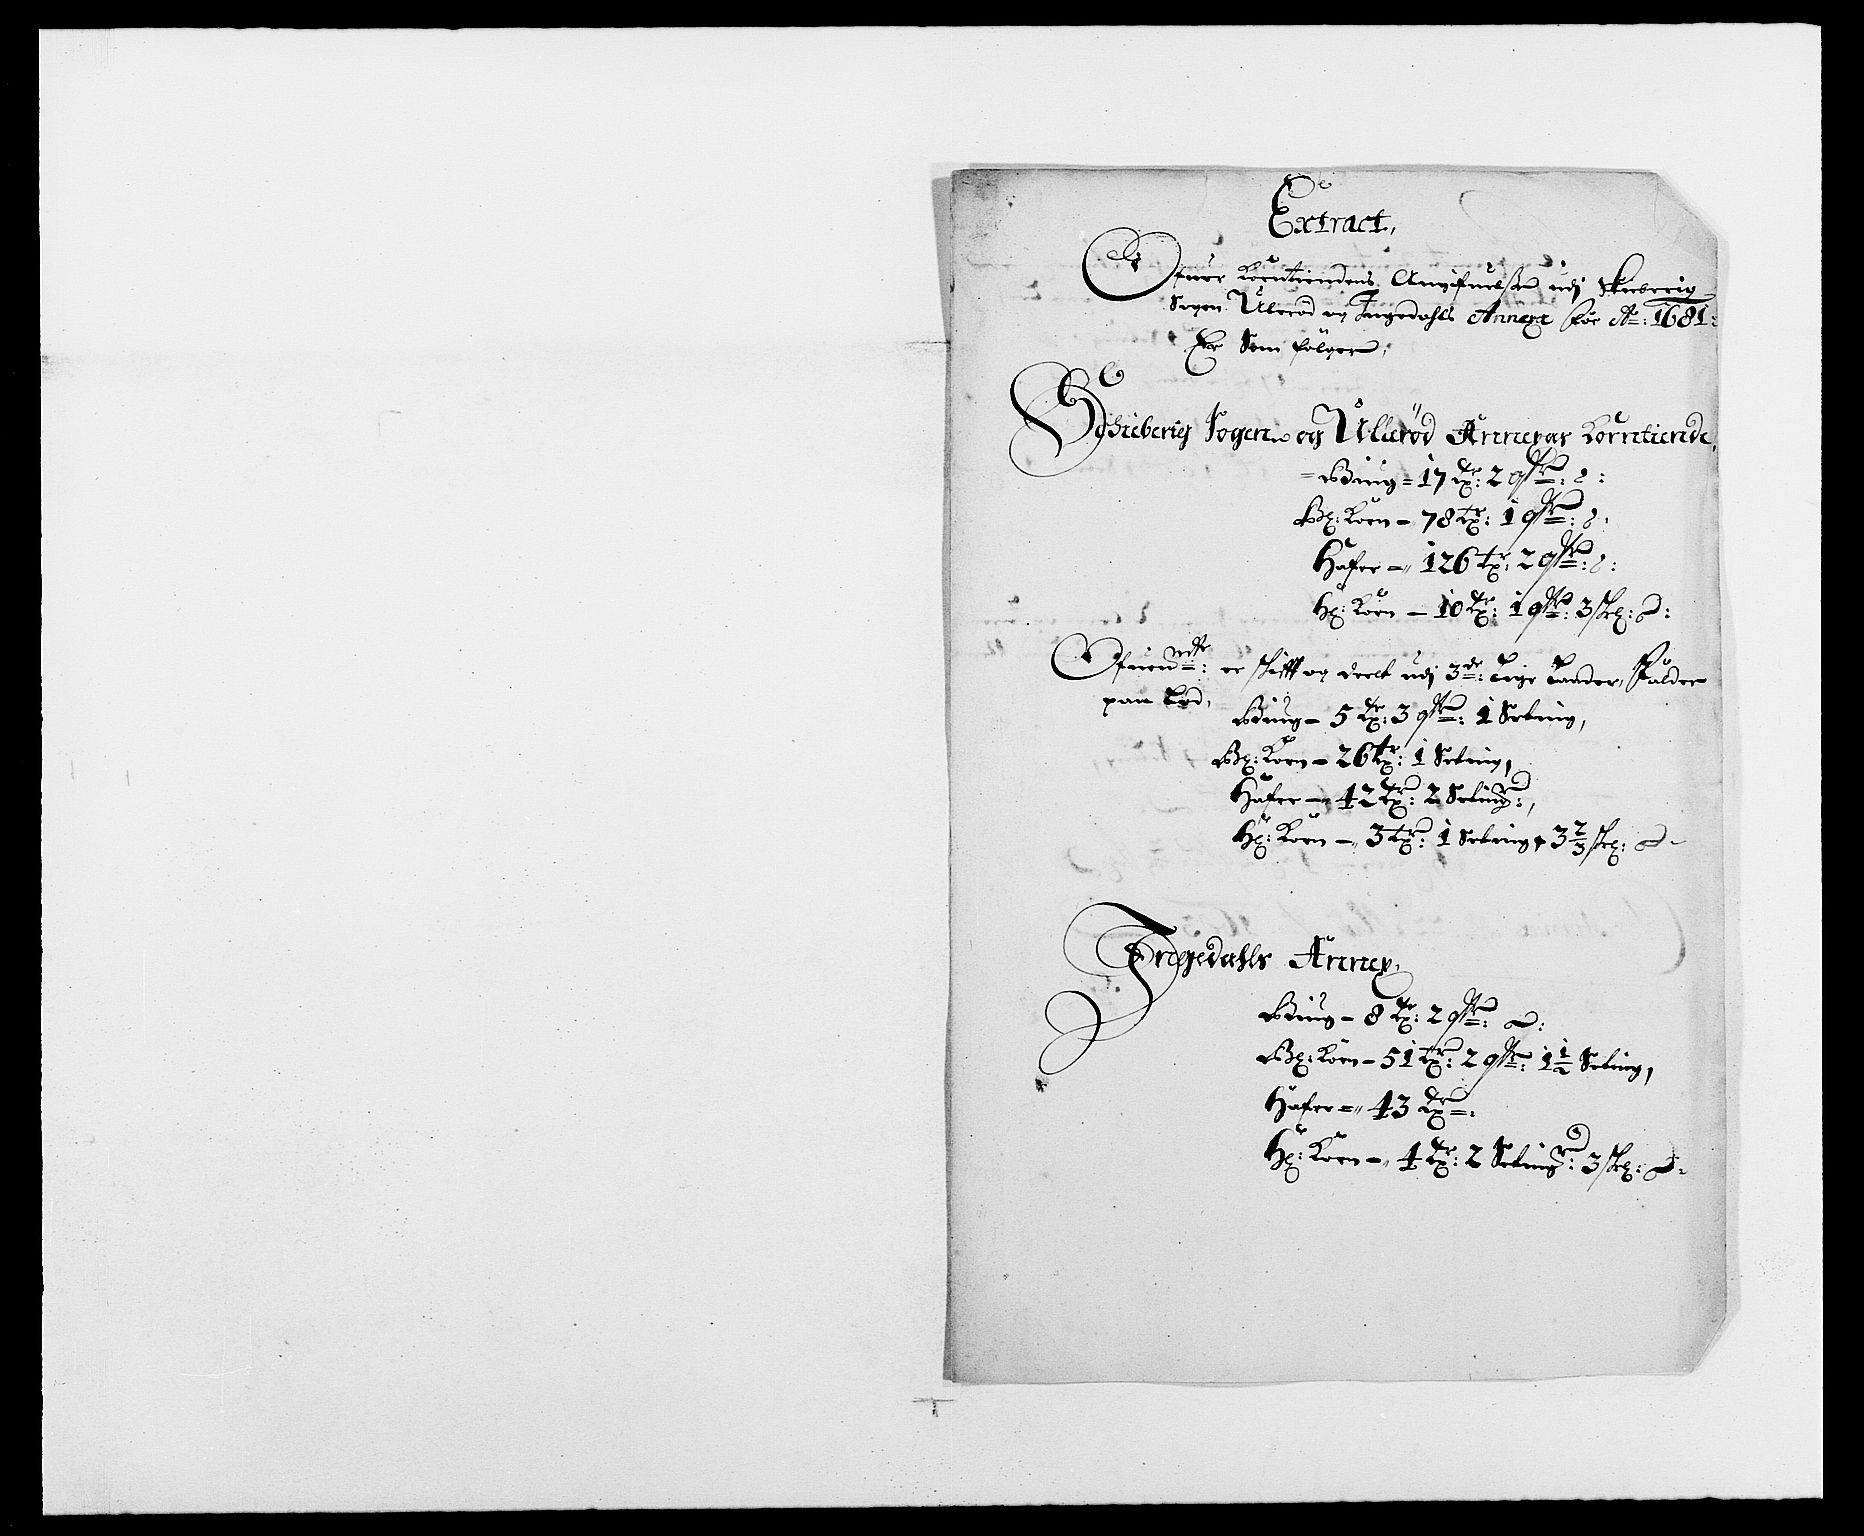 RA, Rentekammeret inntil 1814, Reviderte regnskaper, Fogderegnskap, R01/L0003: Fogderegnskap Idd og Marker, 1678-1681, s. 179